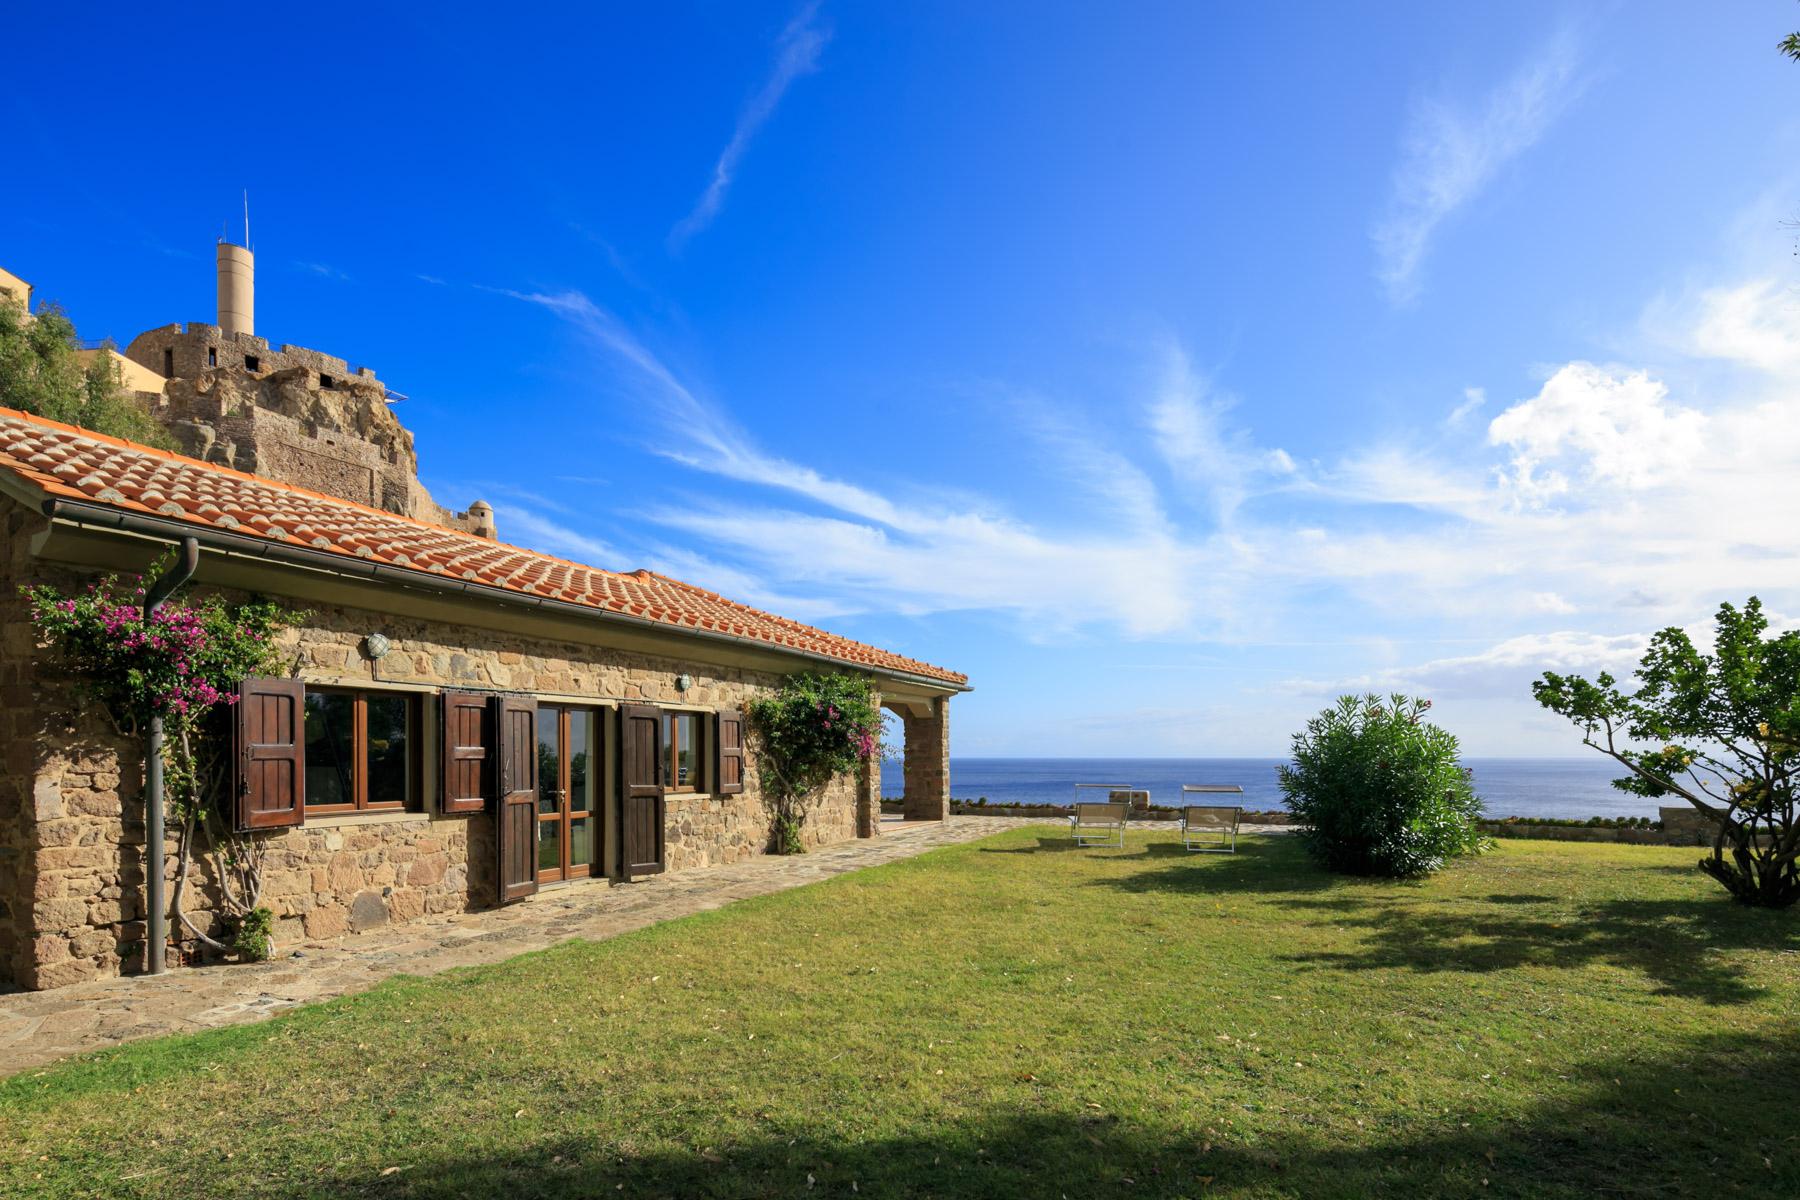 Villa in Vendita a Capraia Isola: 5 locali, 320 mq - Foto 1